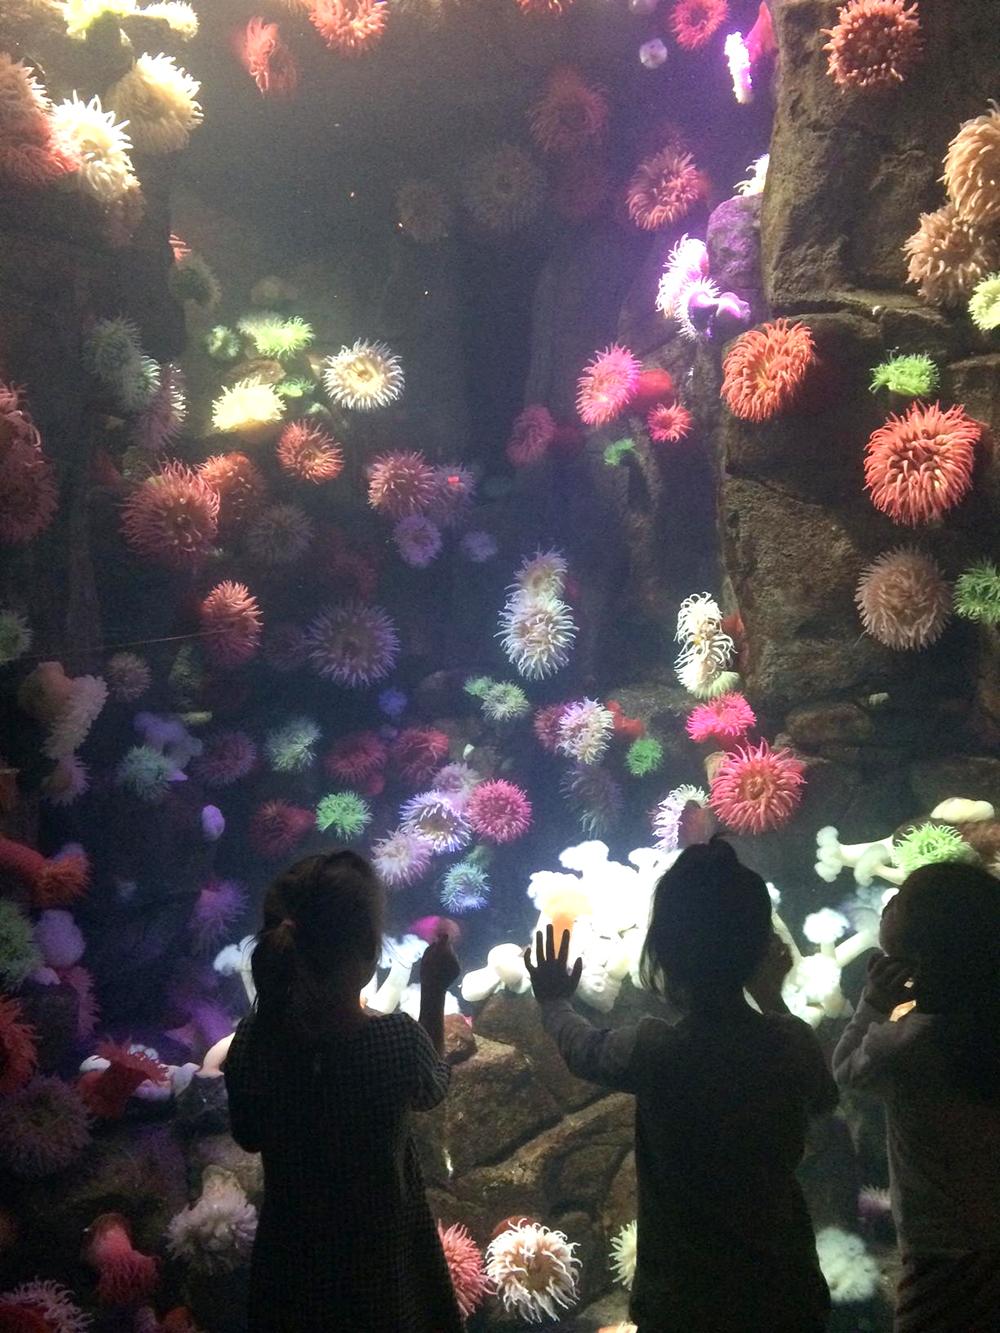 acquarium.jpg